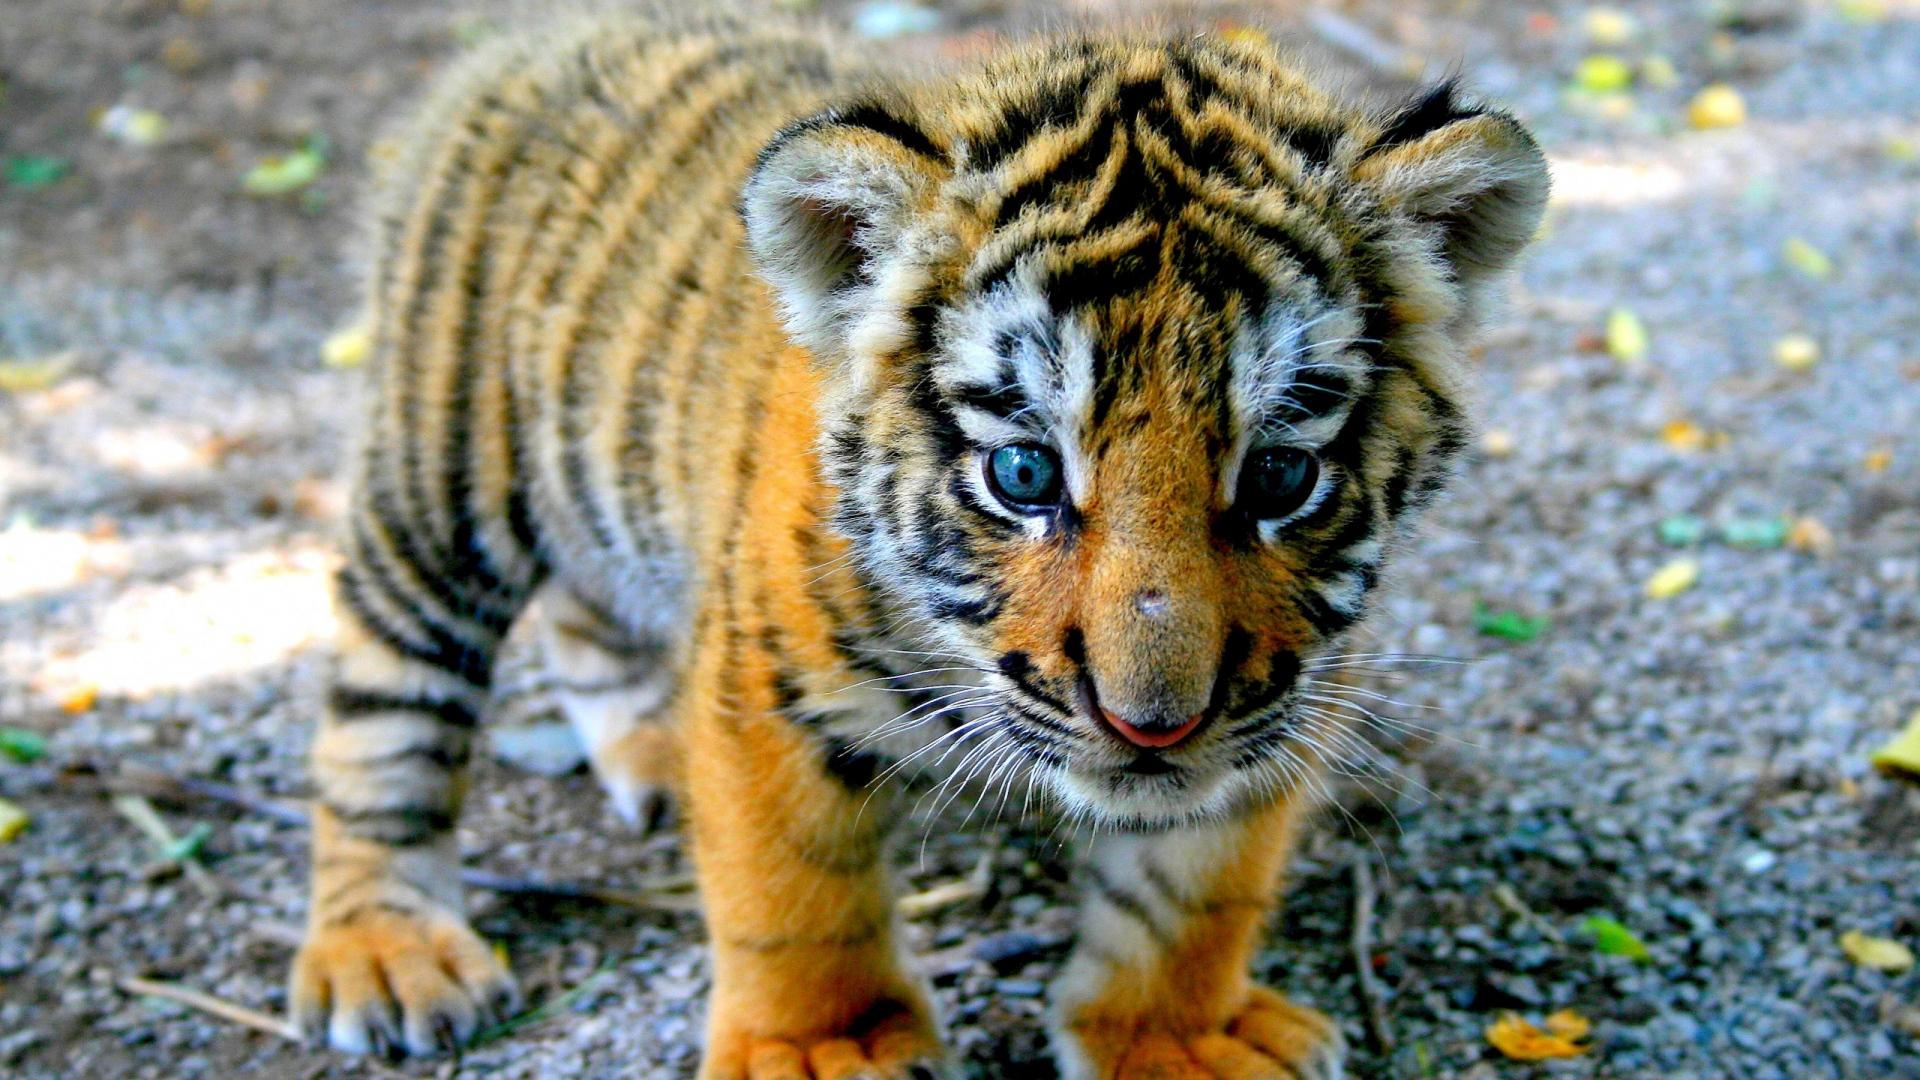 Download Wallpaper 1920x1080 Tiger Cub Look Kid Full HD 1080p HD 1920x1080